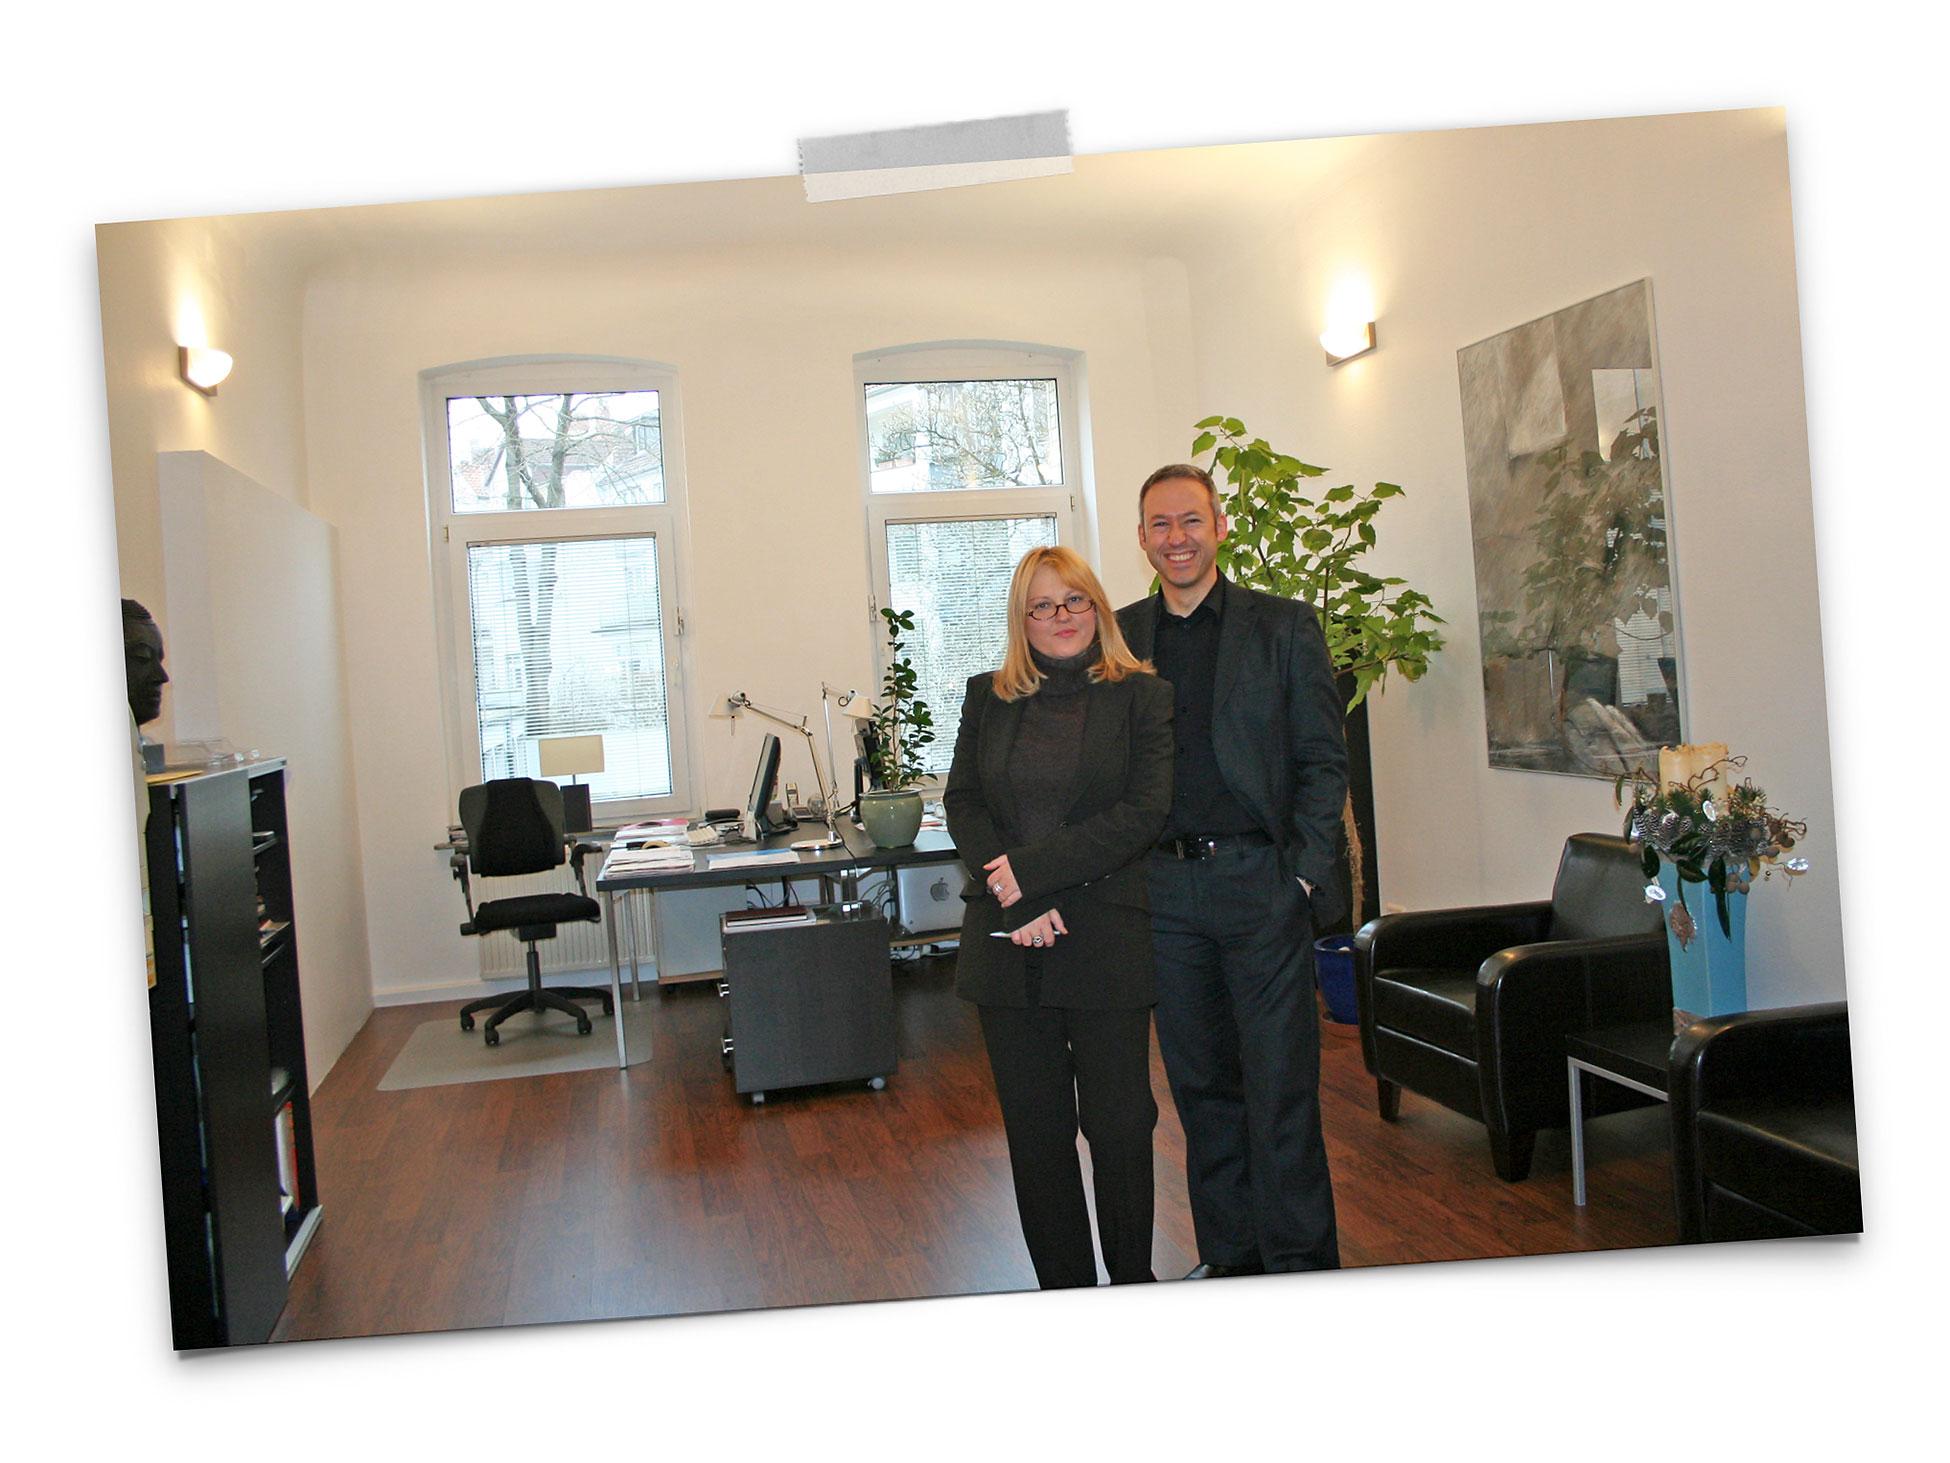 Kirsten Broska-Rogge und Michael Brüggemann in den Agenturräumen 2007